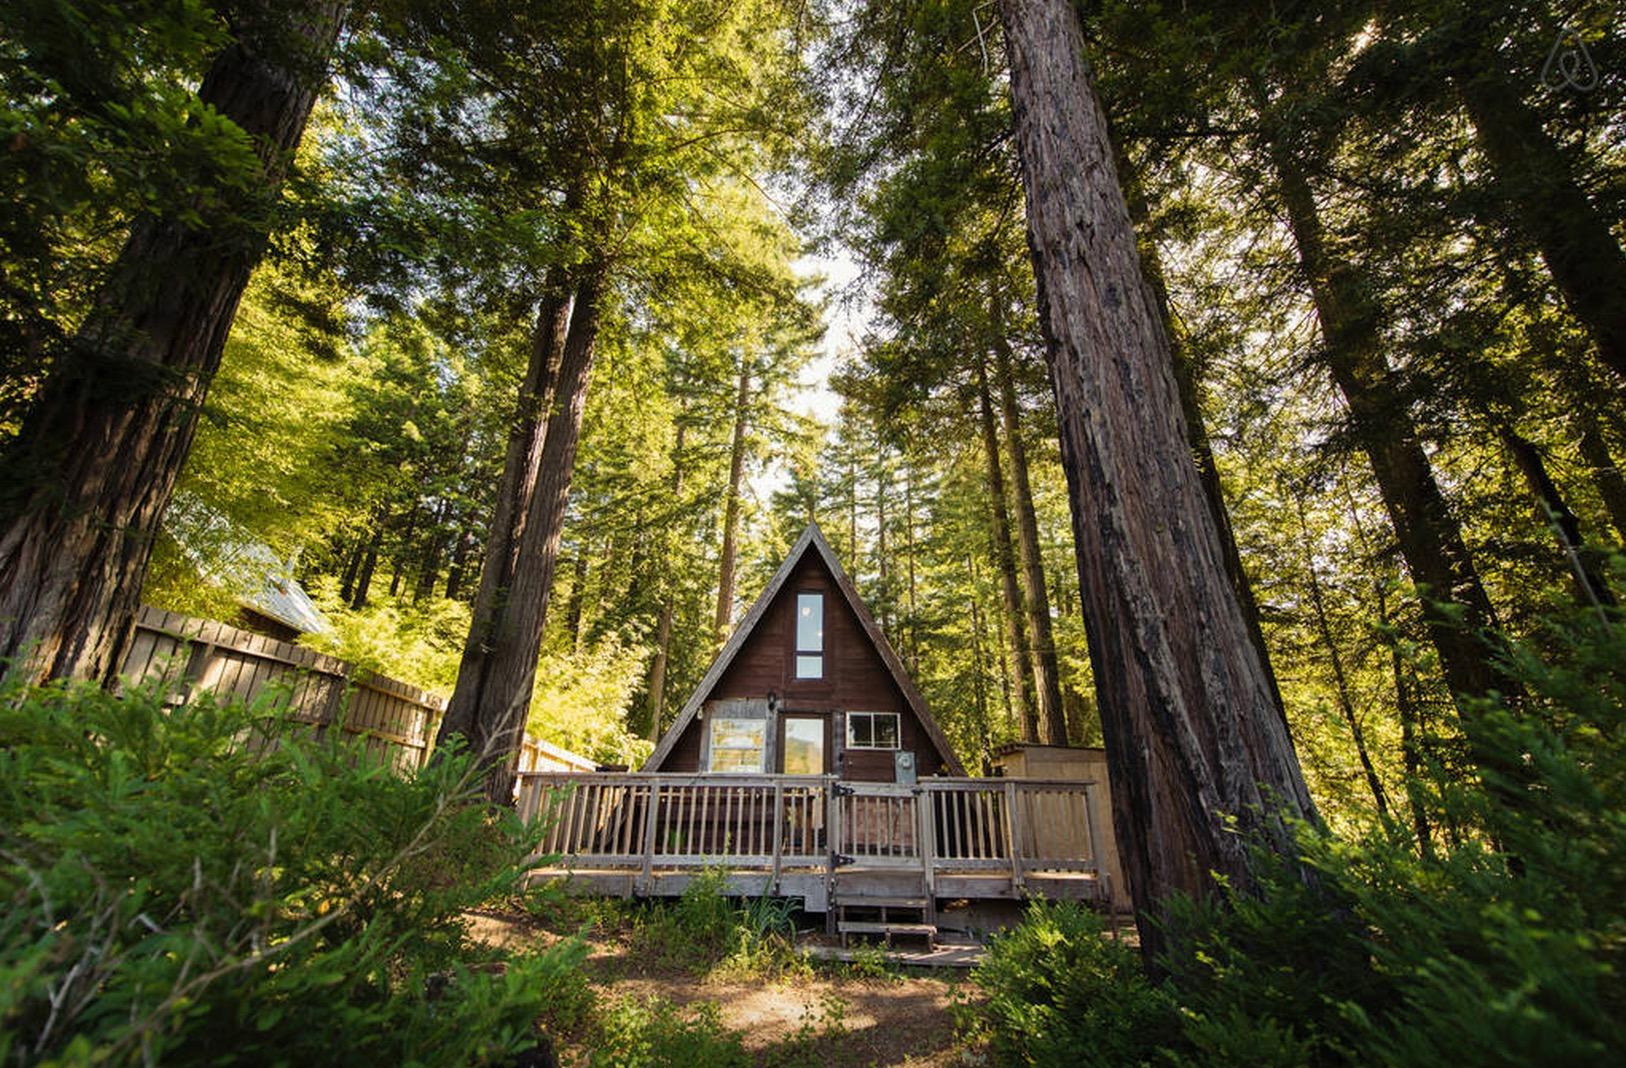 Cabin-Redwoods-Joli-Joli-Design-Cabine-14